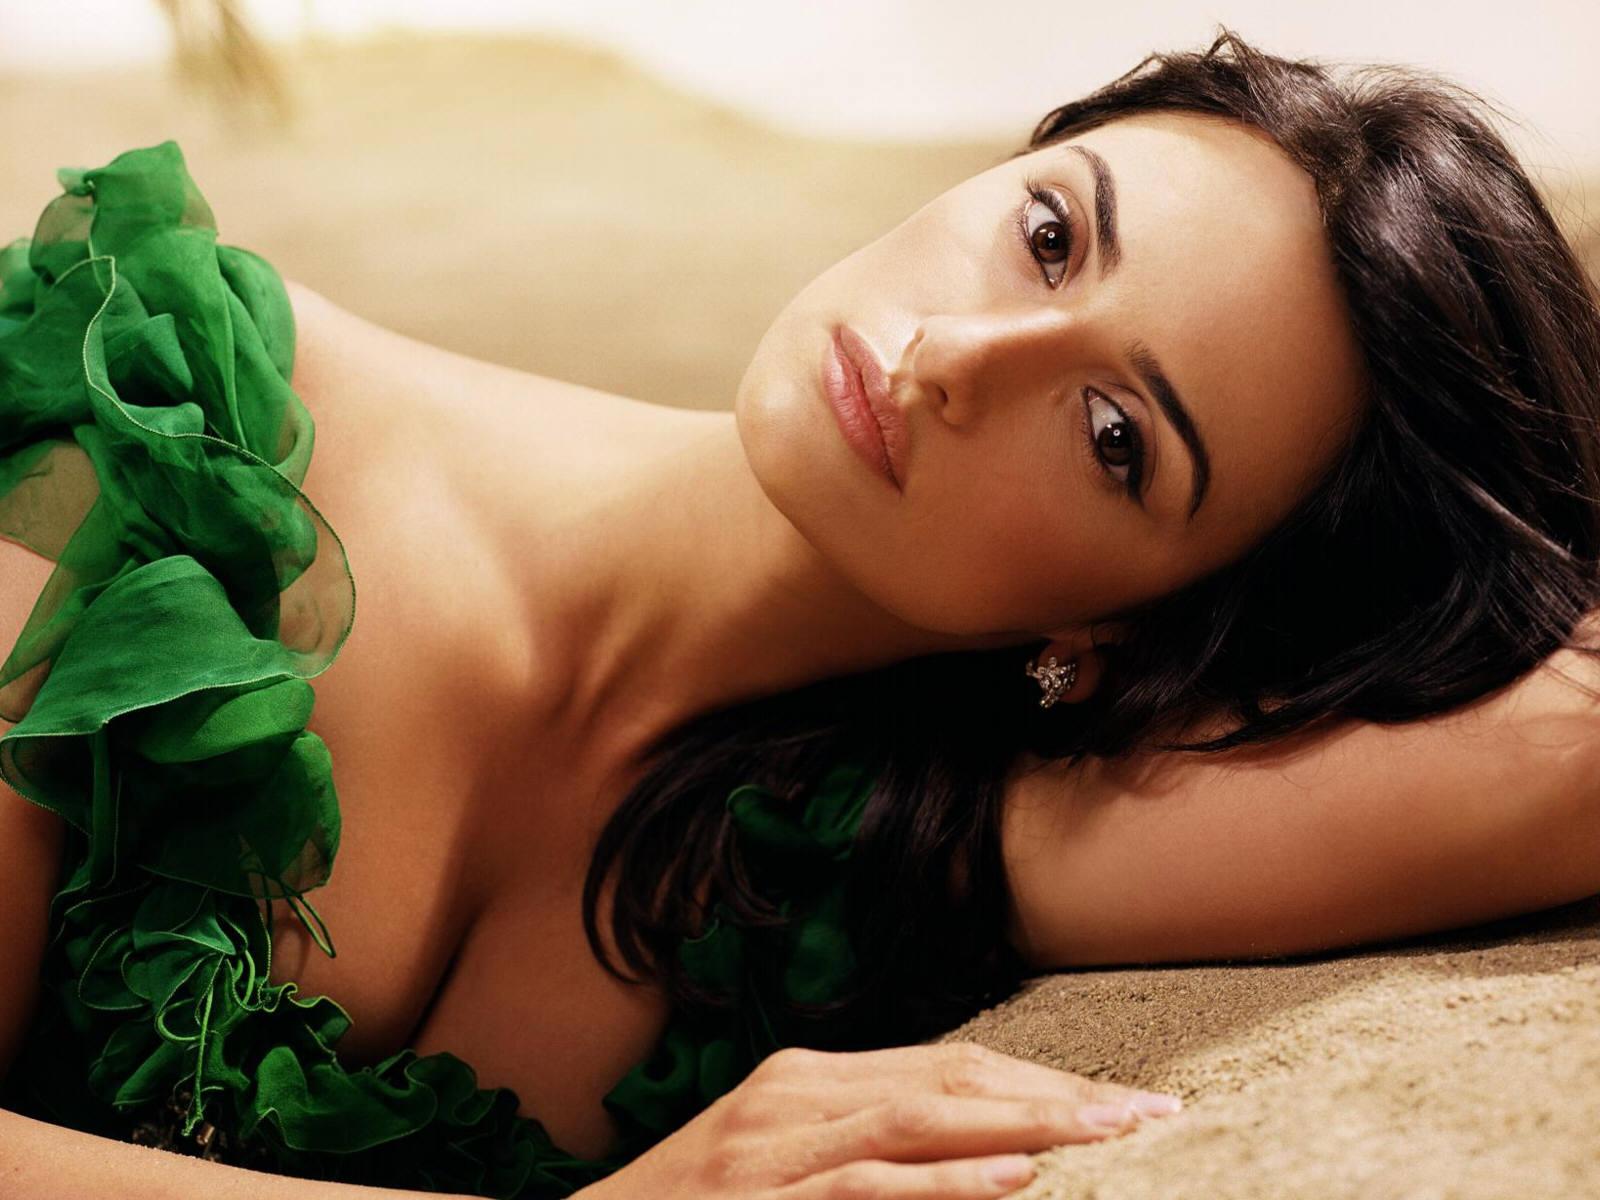 http://3.bp.blogspot.com/-FaBKHOfQbF8/TdUZECUj4RI/AAAAAAAAA00/Dwgm1xY3m2o/s1600/Penelope_Cruz_Spanish_actress.jpg